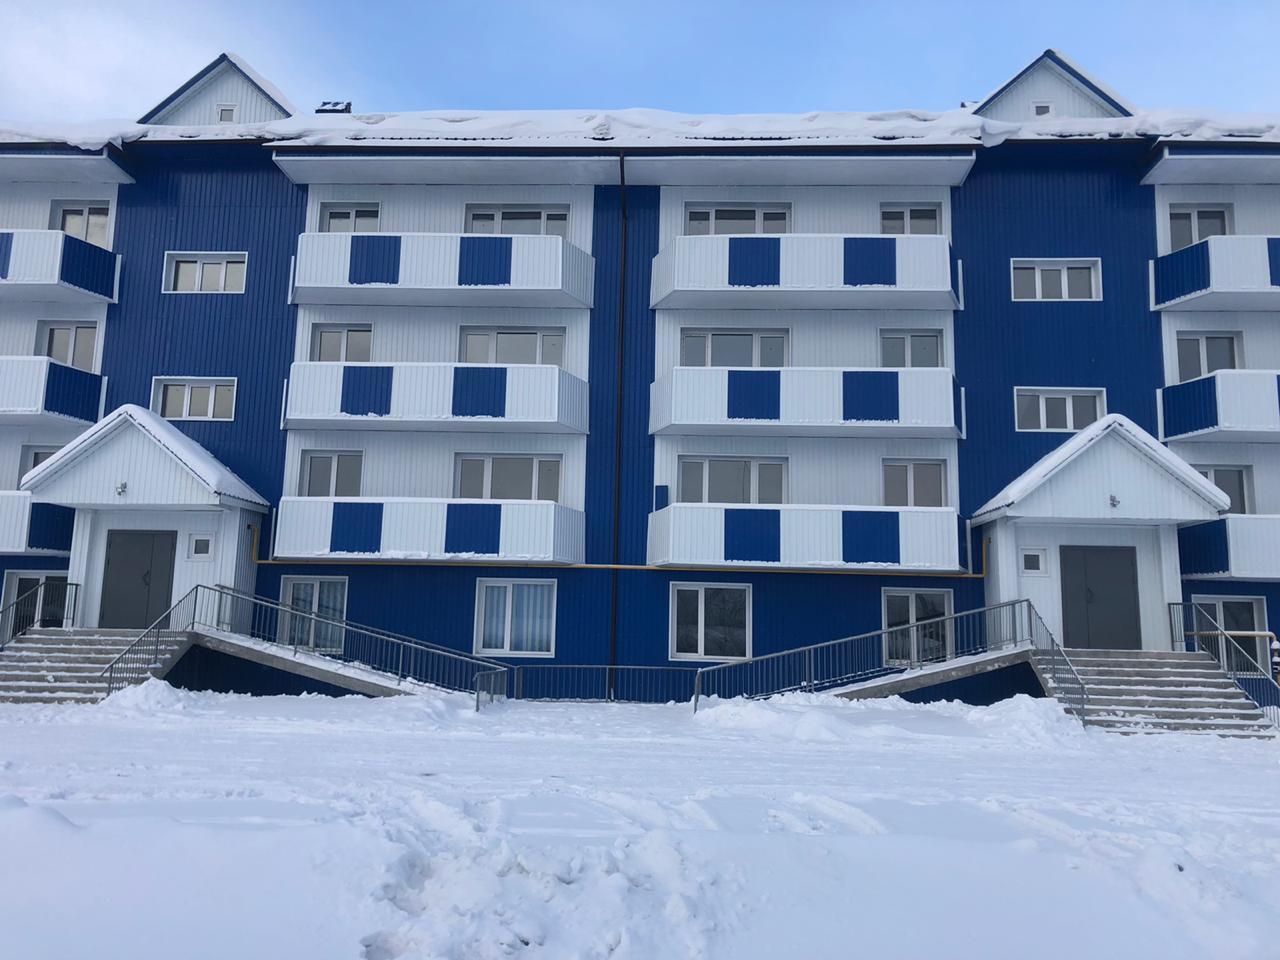 В преддверие Нового года компания «Железные дороги Якутии» сдала новый жилой дом в Томмоте